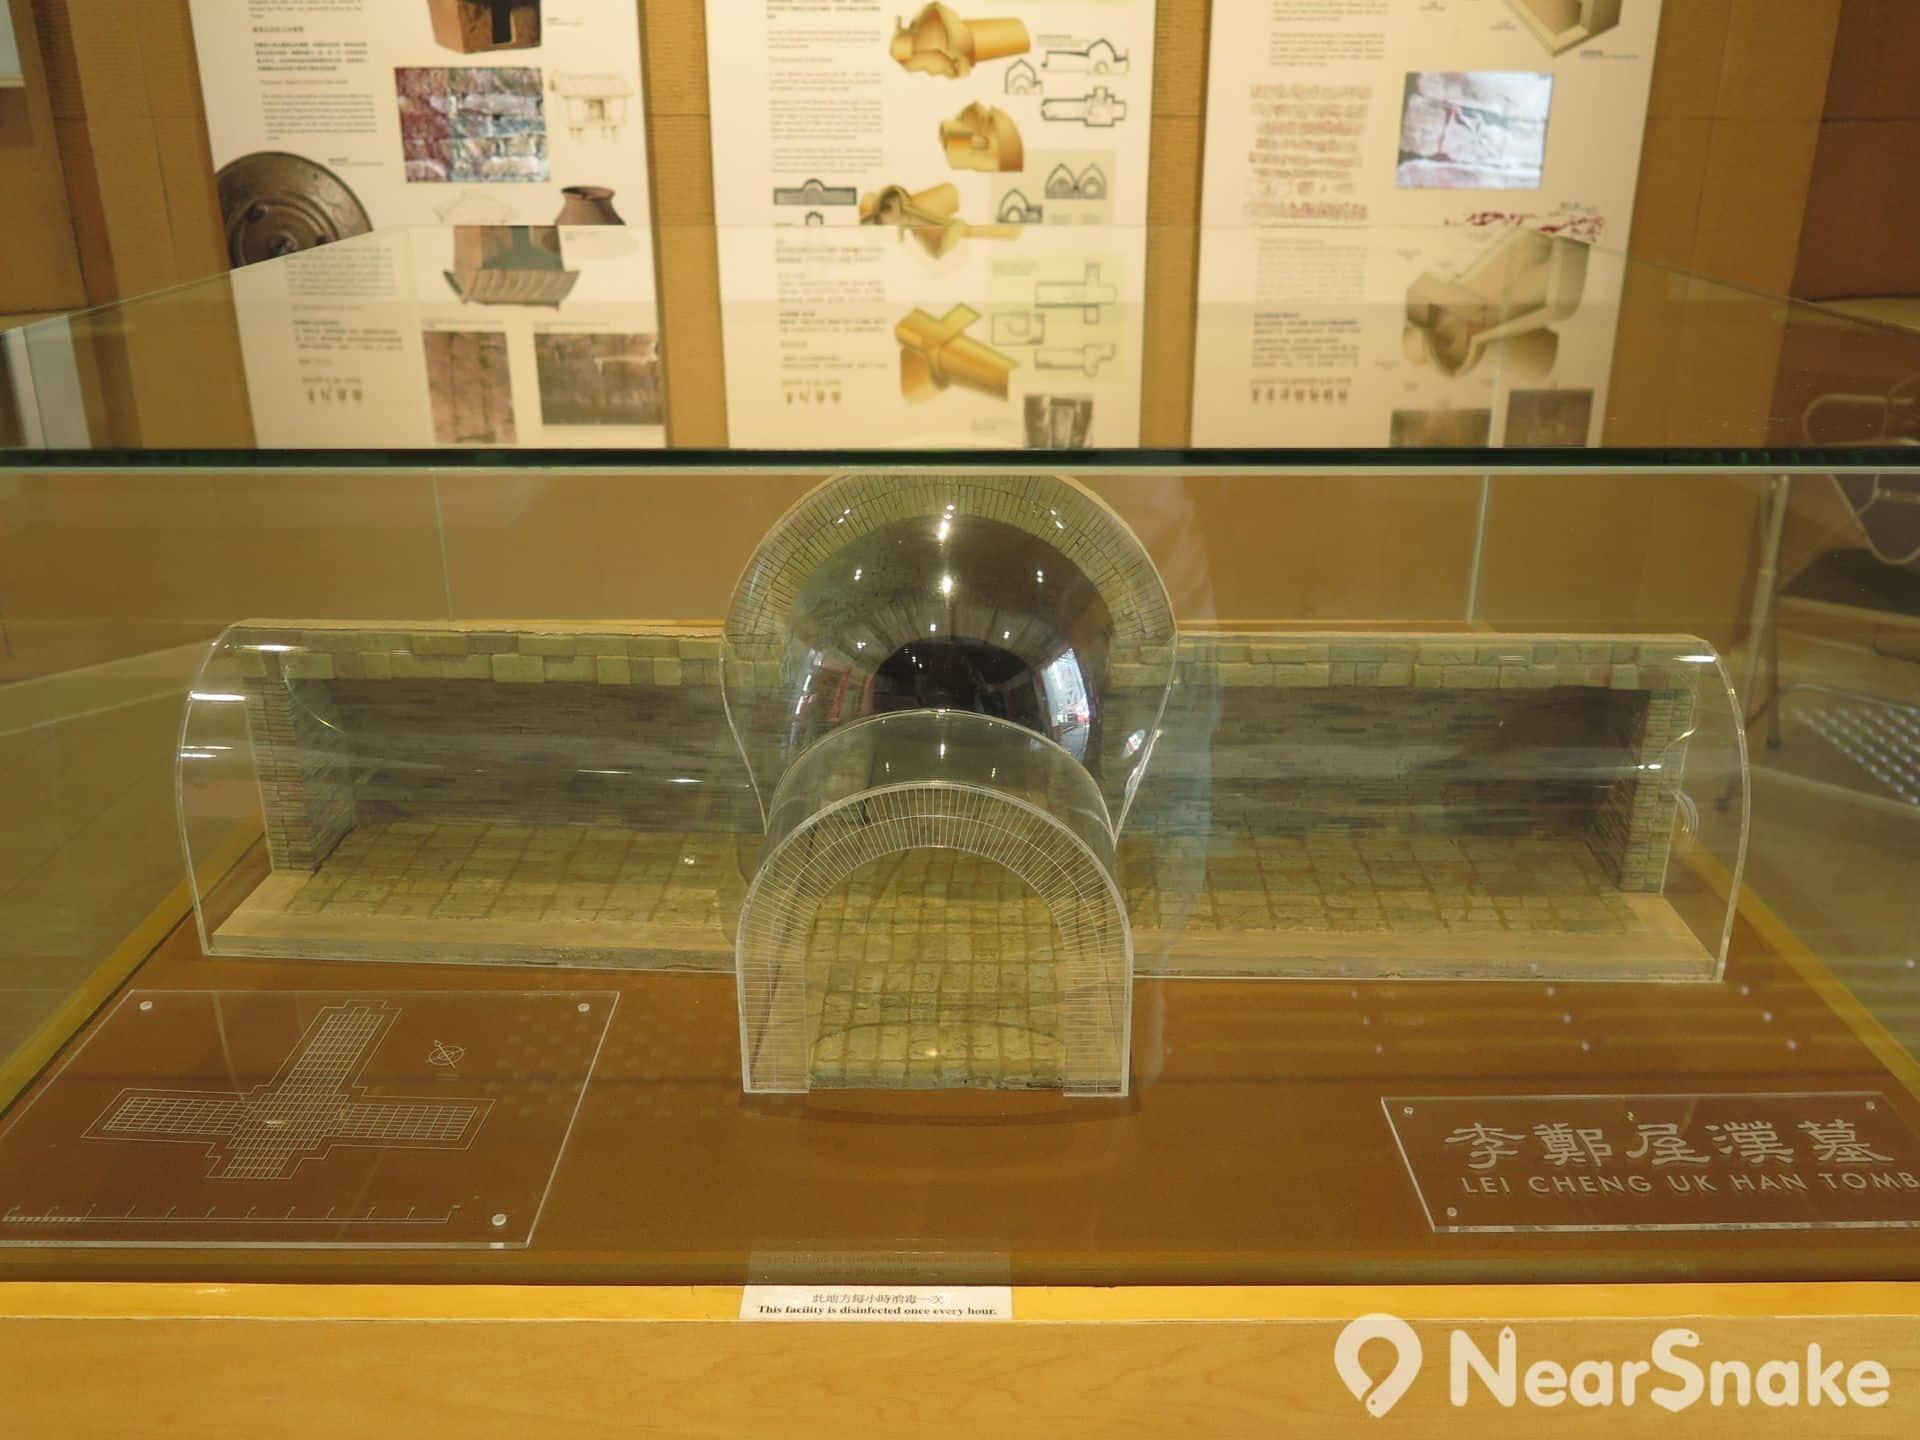 縱使不能親身走進李鄭屋漢墓參觀,大家也可通過展覽館的模型,一睹墓室的全貎。